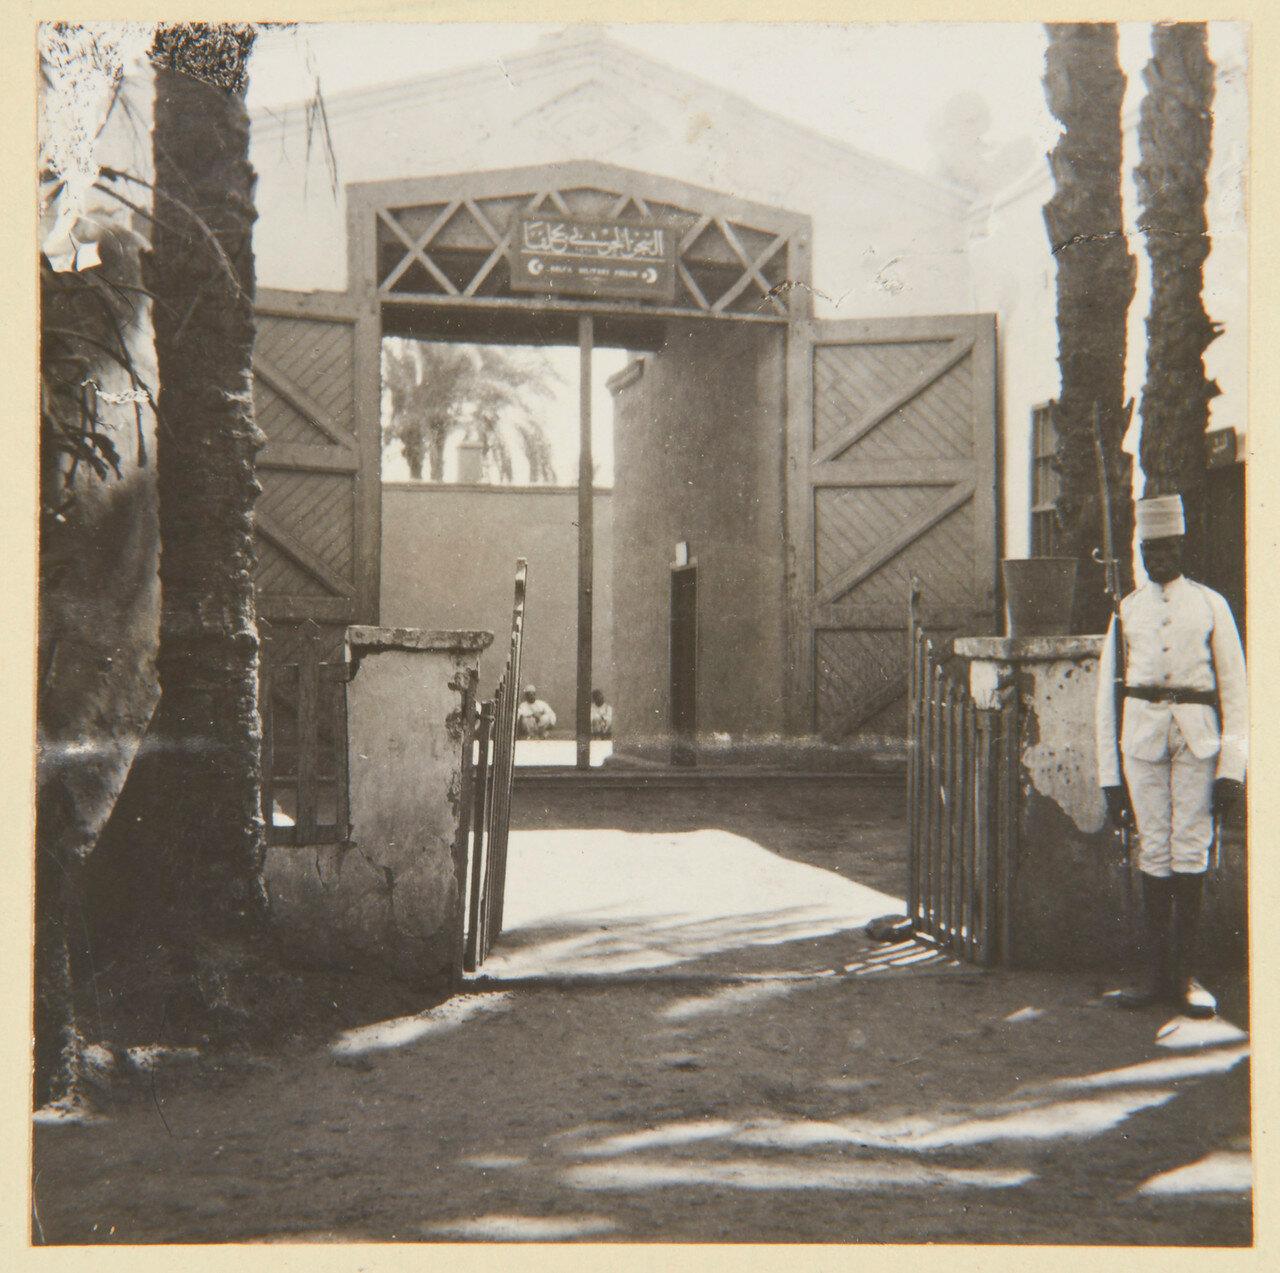 Август 1898. Вход в тюрьму Вади-Хальфа, где содержался Махмуд, лидер западной части армии Халифа Абдуллы